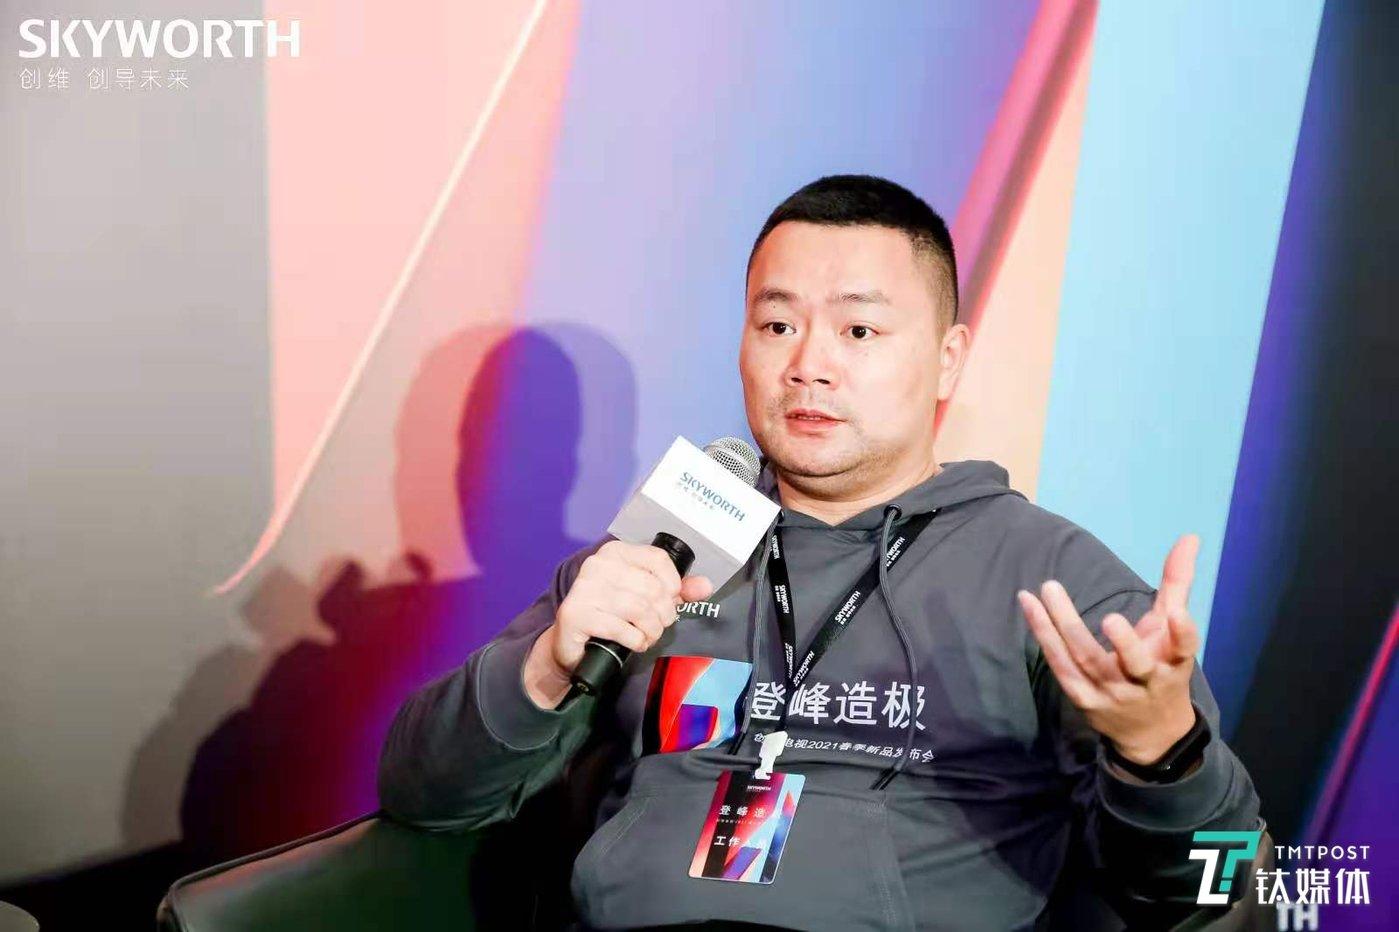 深圳创维-RGB 电子有限公司首席品牌官唐晓亮